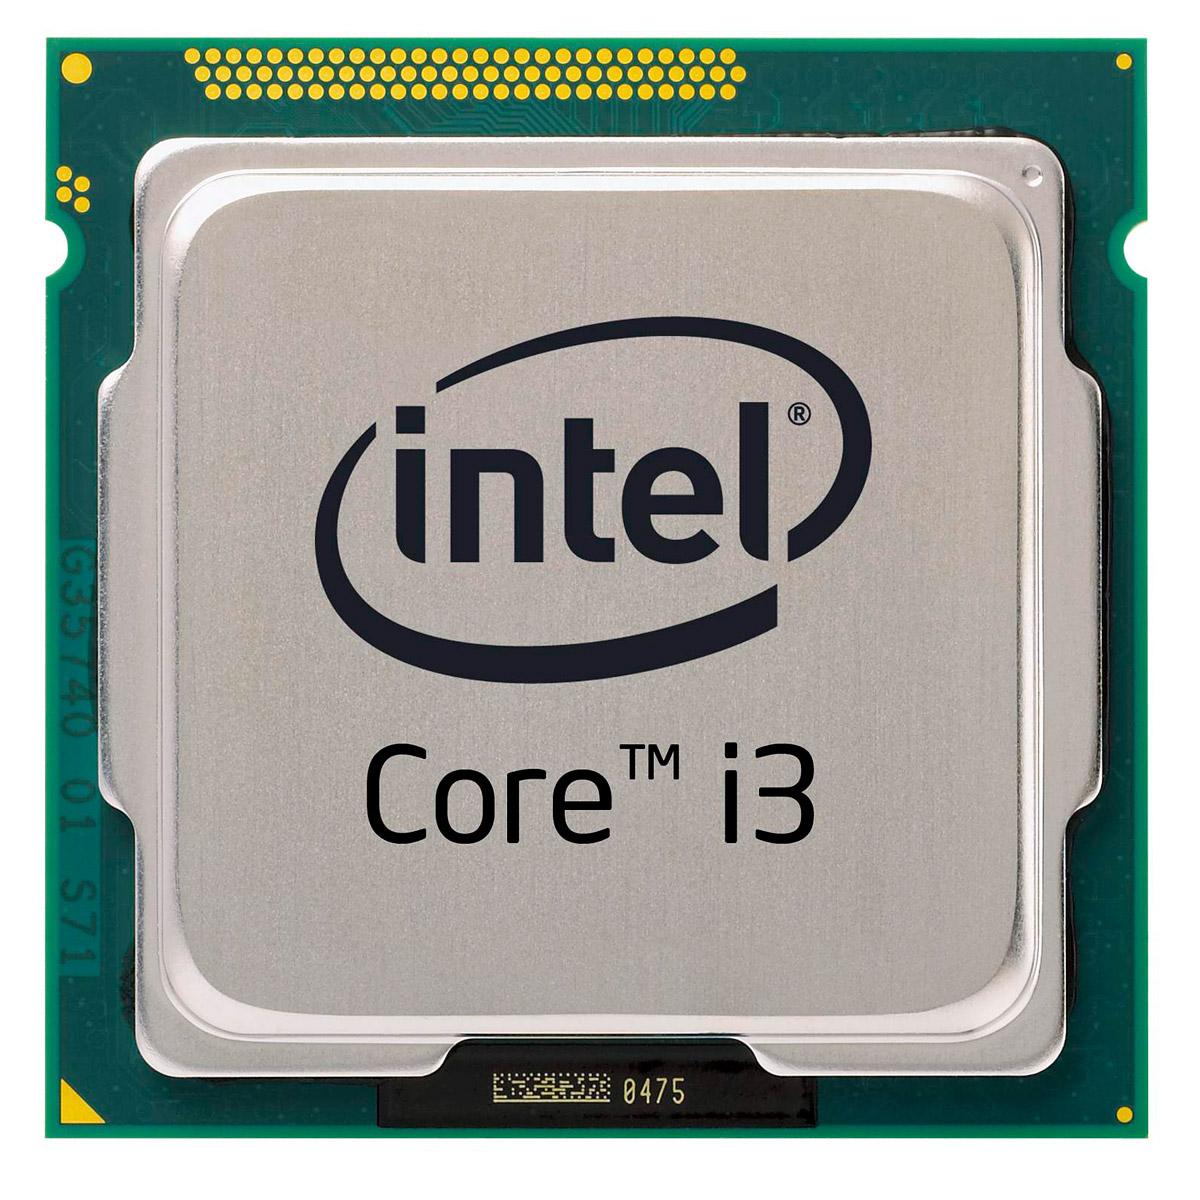 Processeur Intel Core i3-3220 (3.3 GHz) Processeur Dual Core Socket 1155 Cache L3 3 Mo Intel HD Graphics 2500 0.022 micron (version boîte - garantie Intel 3 ans)